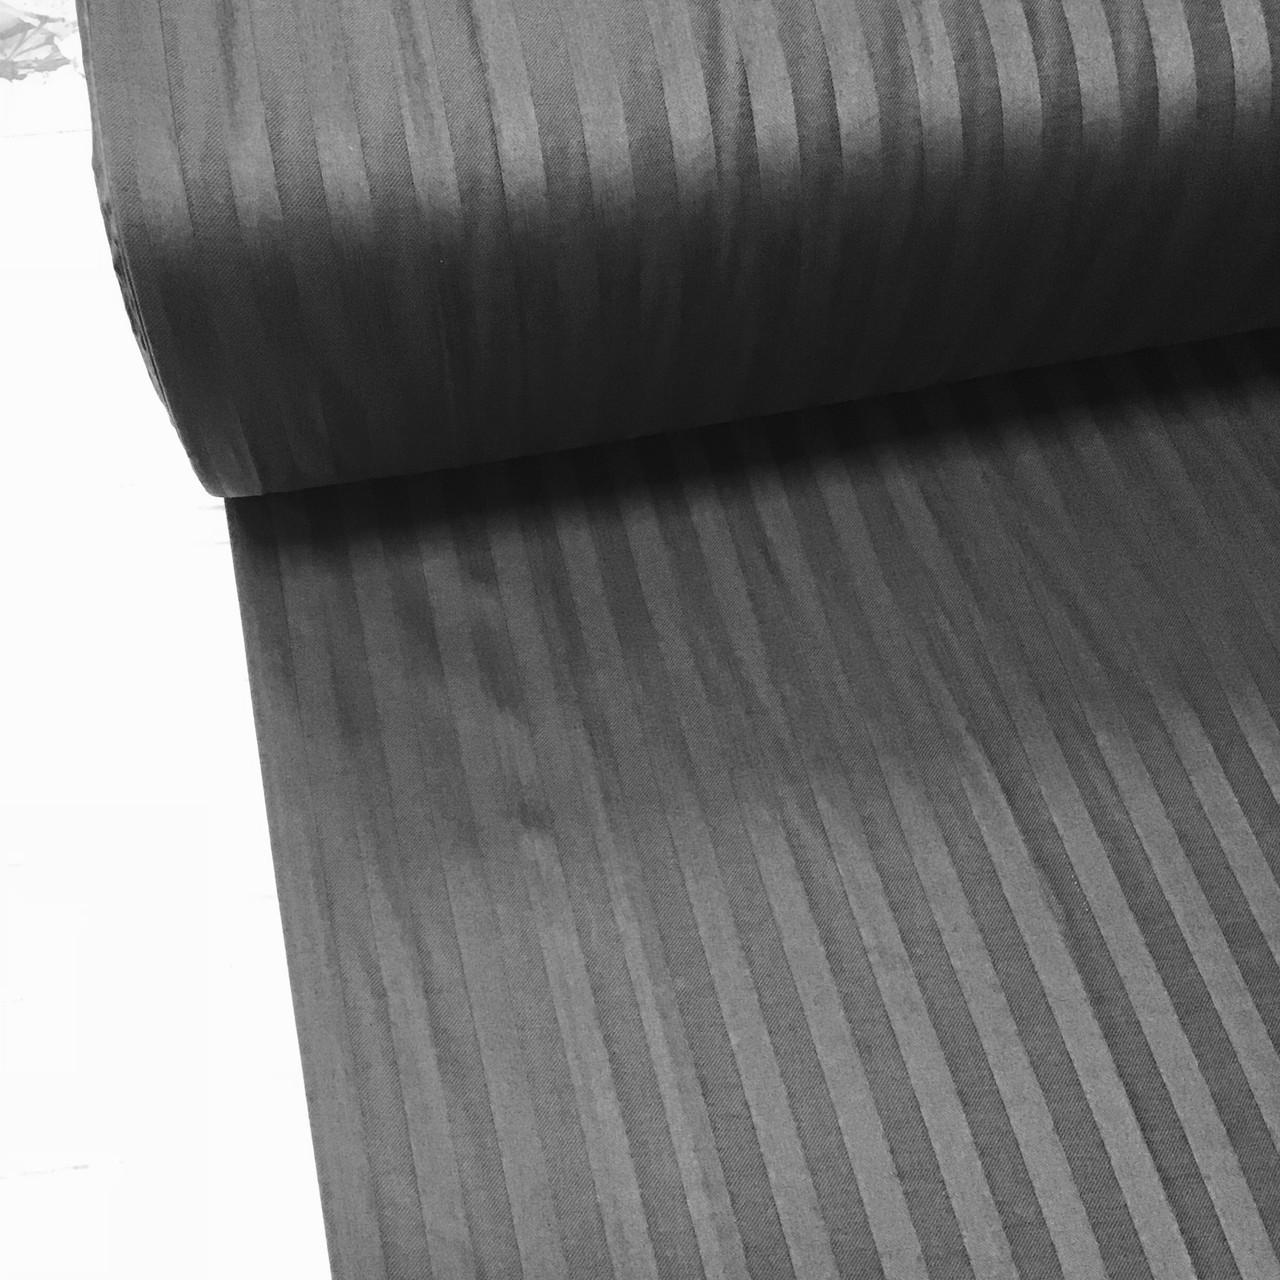 Сатин 100% хлопок  (ТУРЦИЯ шир. 2,4 м) Stripes графитовый ОТРЕЗ( 1,75*2,4)